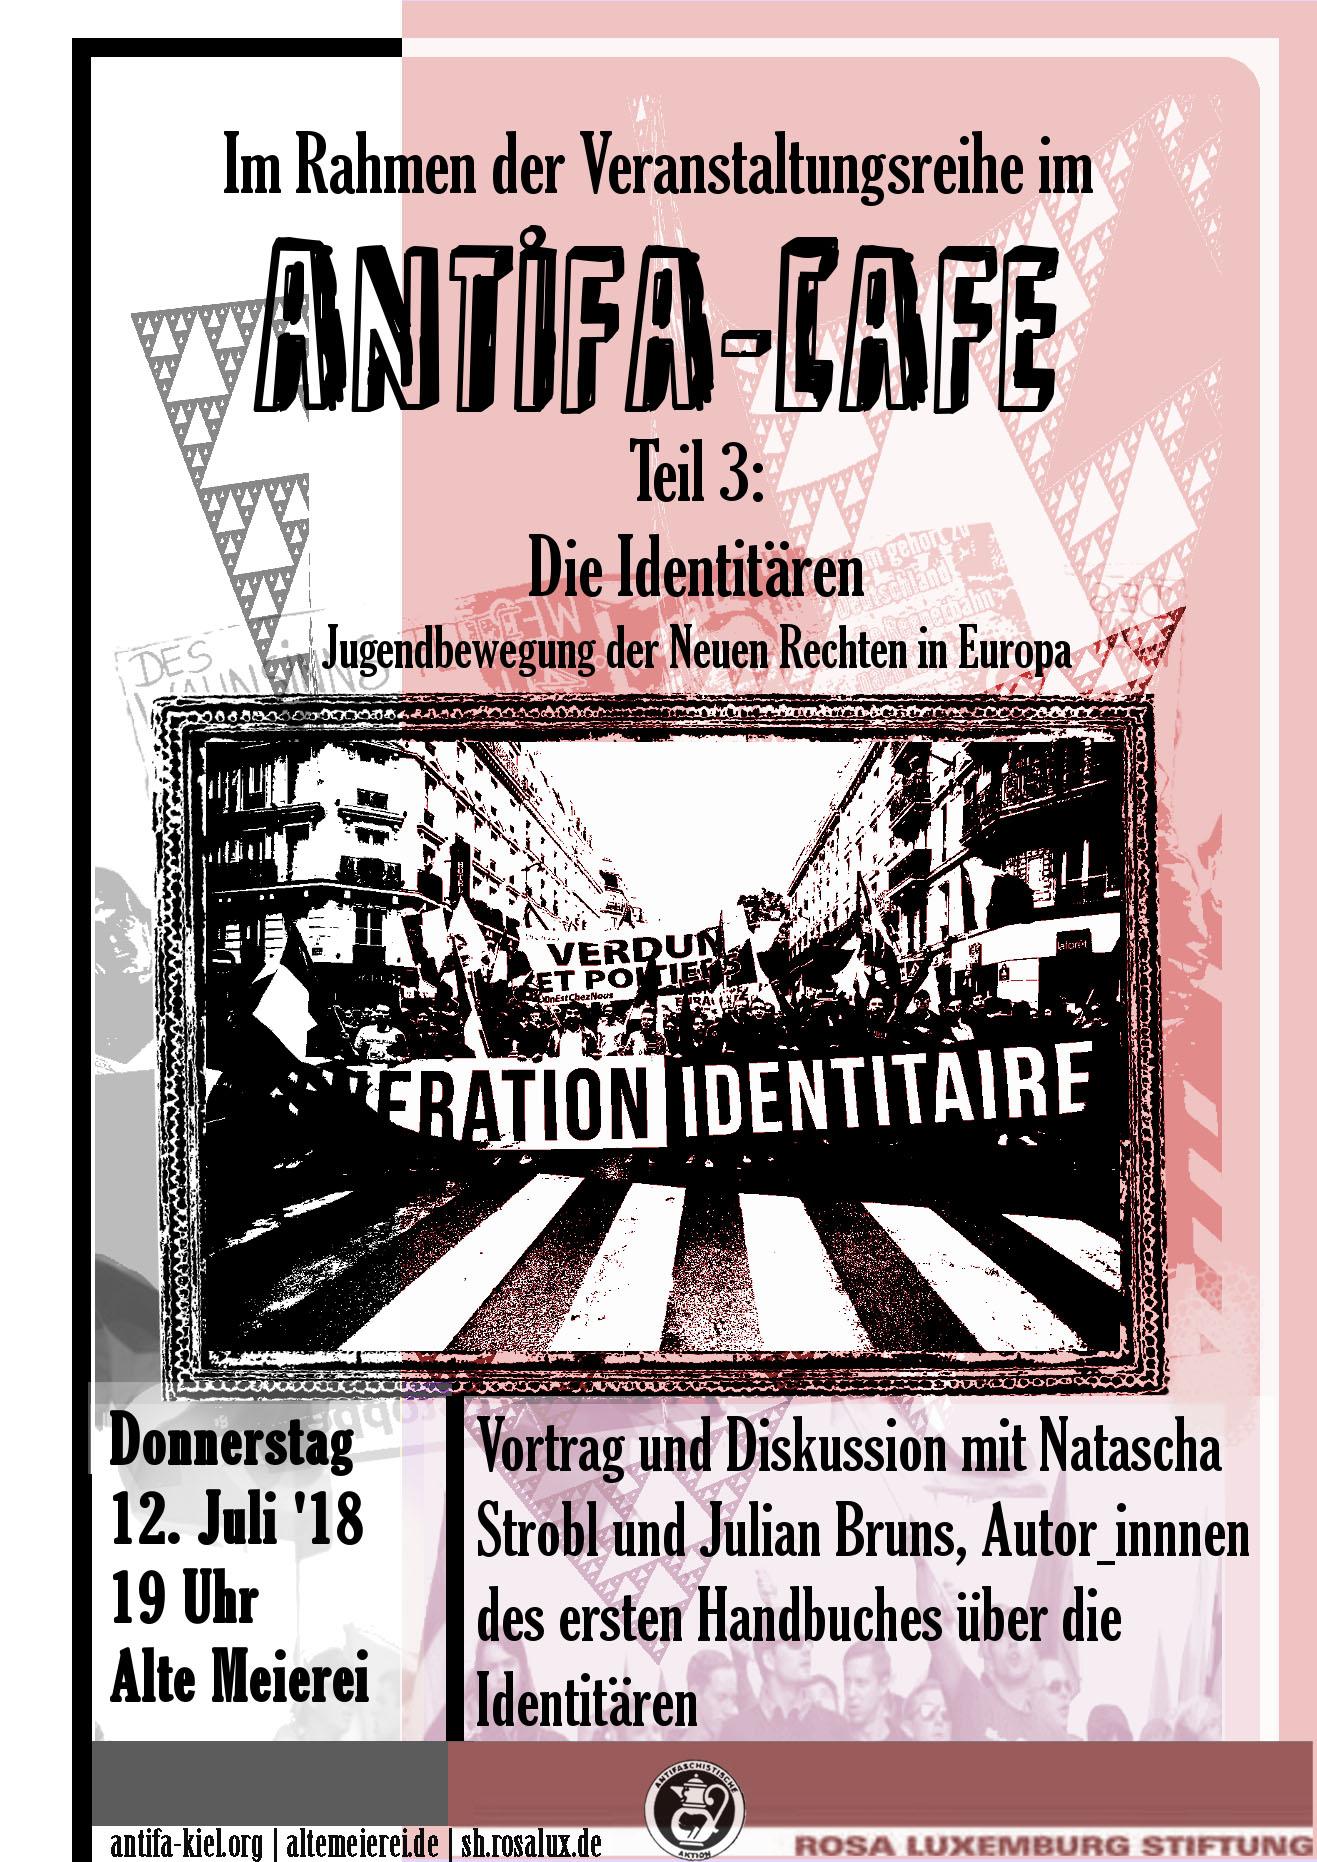 http://www.neu.antifa-kiel.org/wp-content/uploads/import/antifa-cafe/Einzelflyer Cafe Tag 3_web.jpg